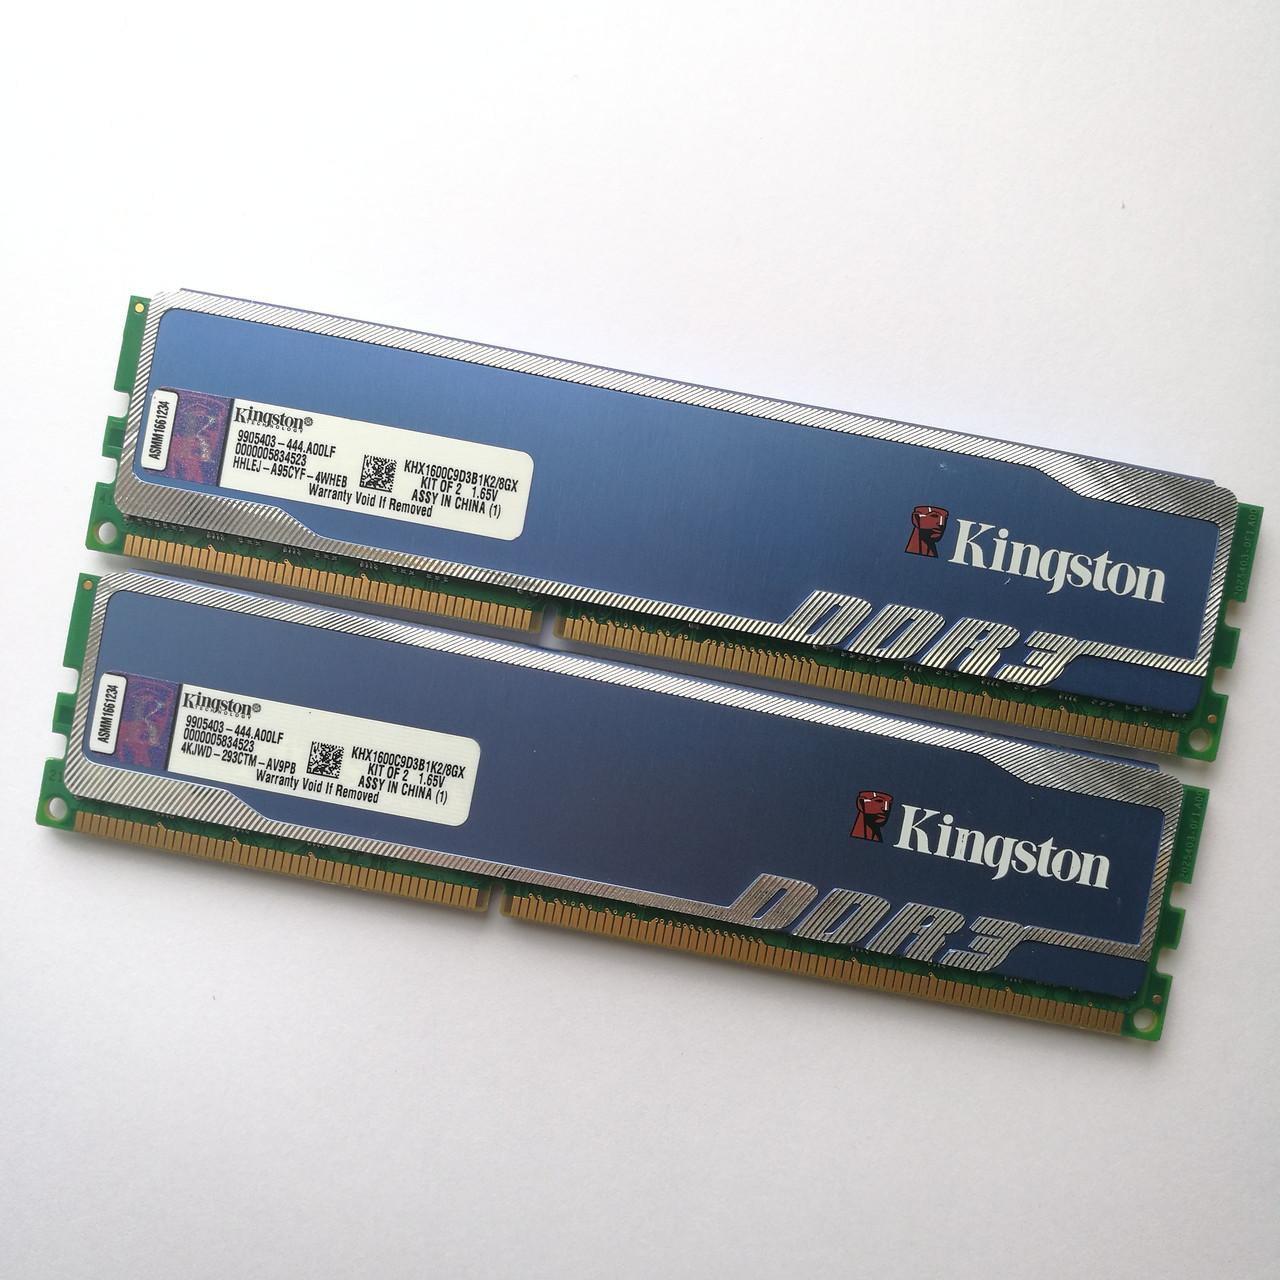 Пара игровой оперативной памяти Kingston DDR3 8Gb (2*4Gb) 1600MHz 12800U 2R8 CL9 (KHX1600C9D3B1K2/8GX) Б/У